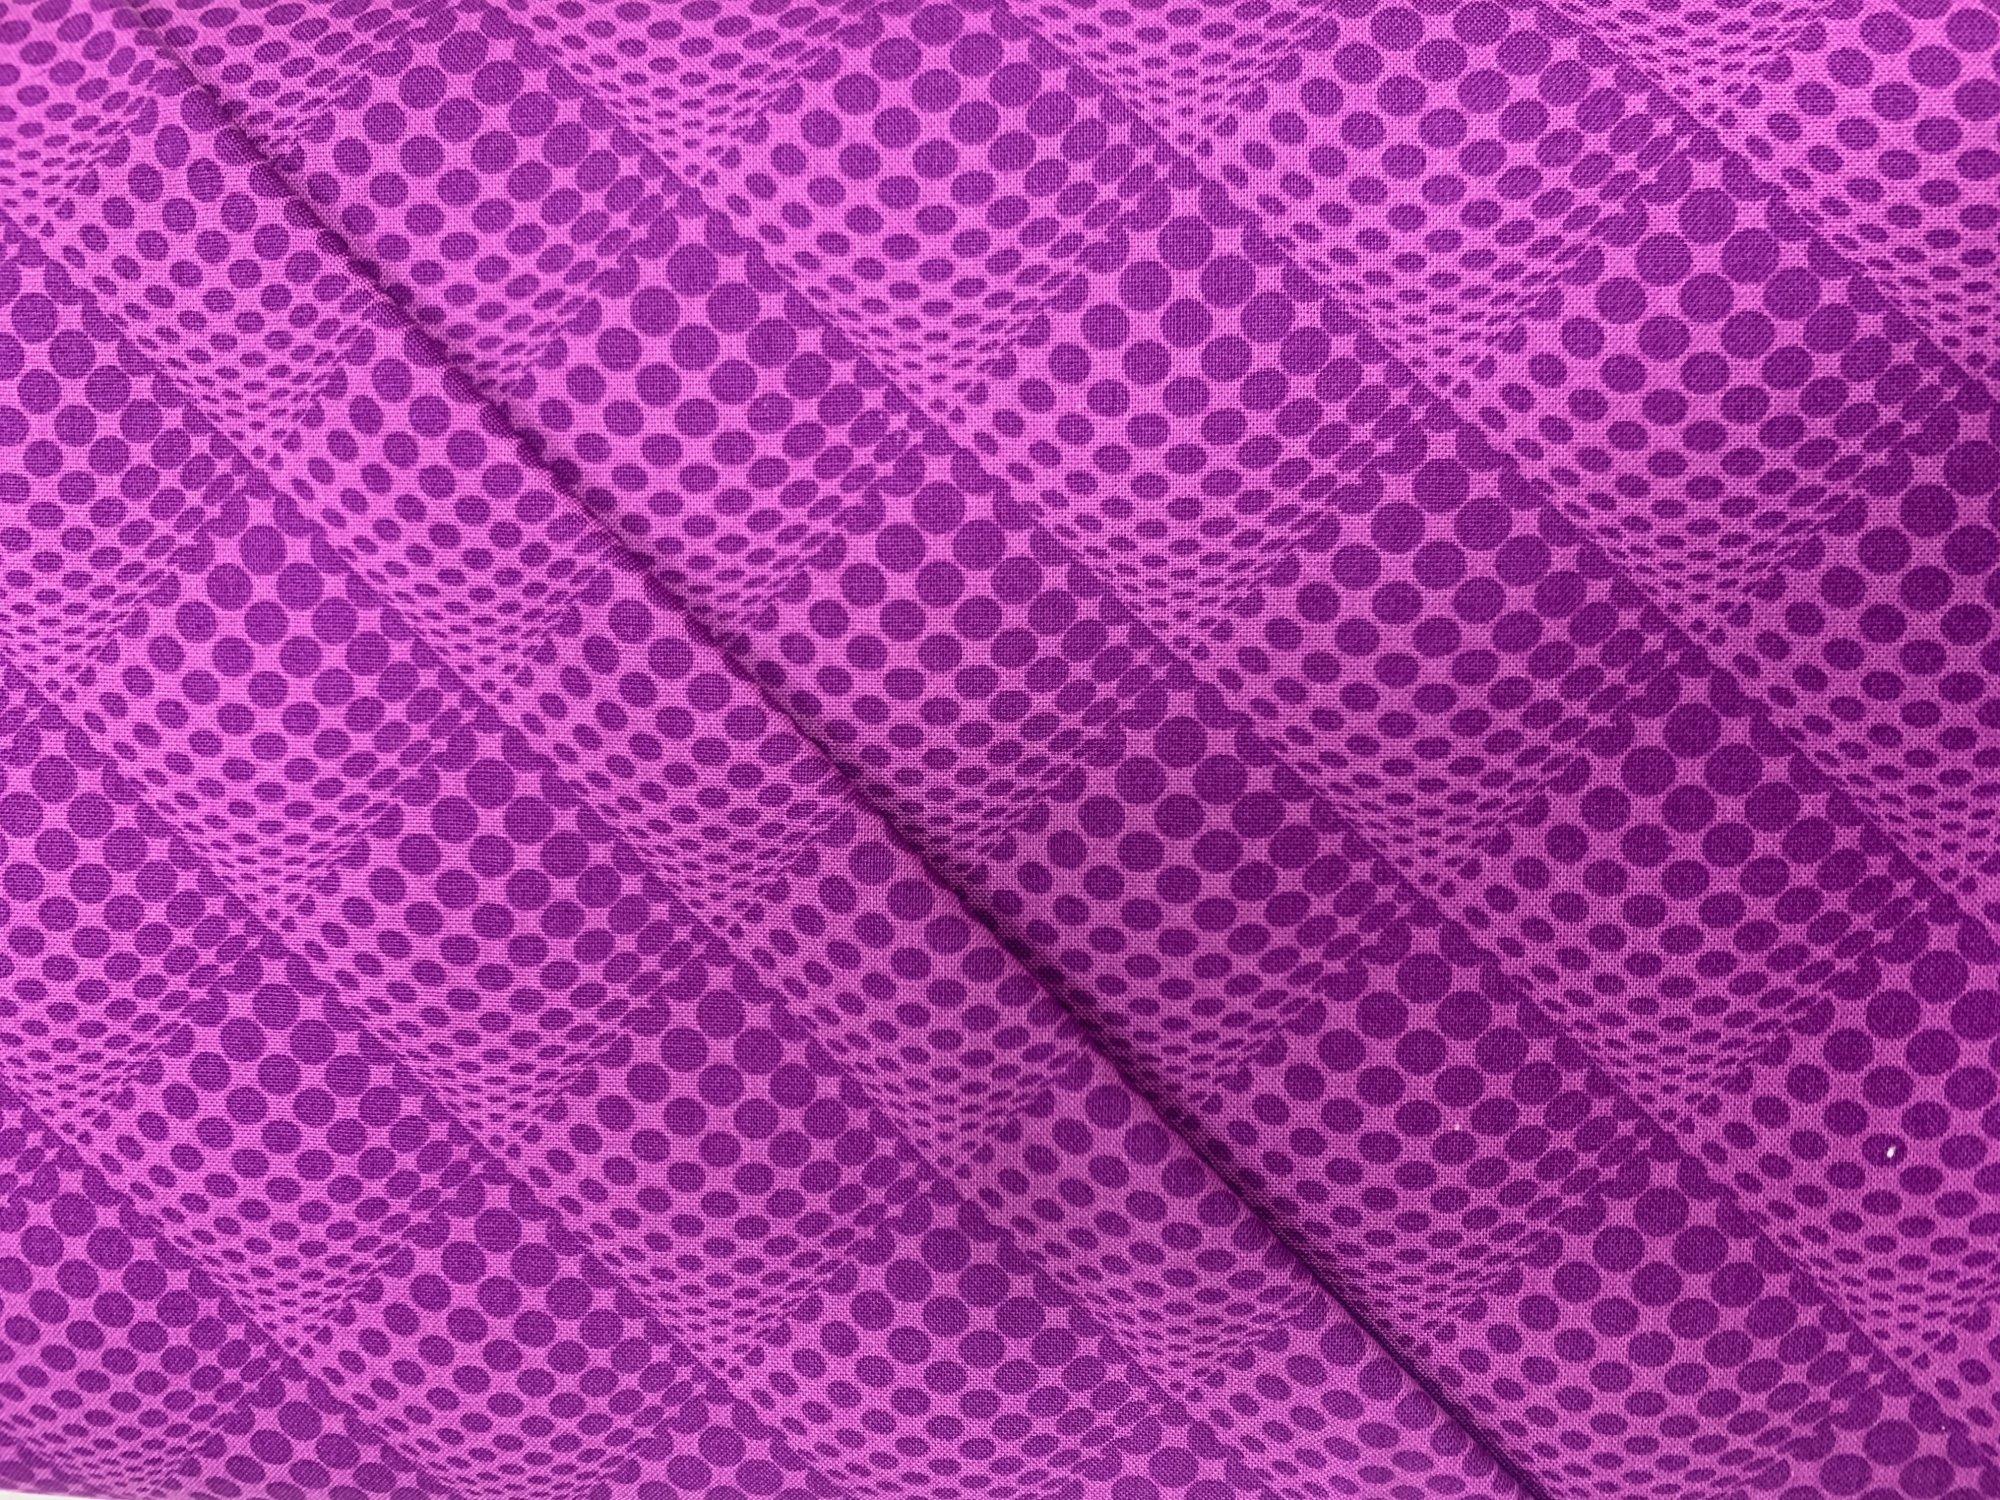 Violet Pop Dot